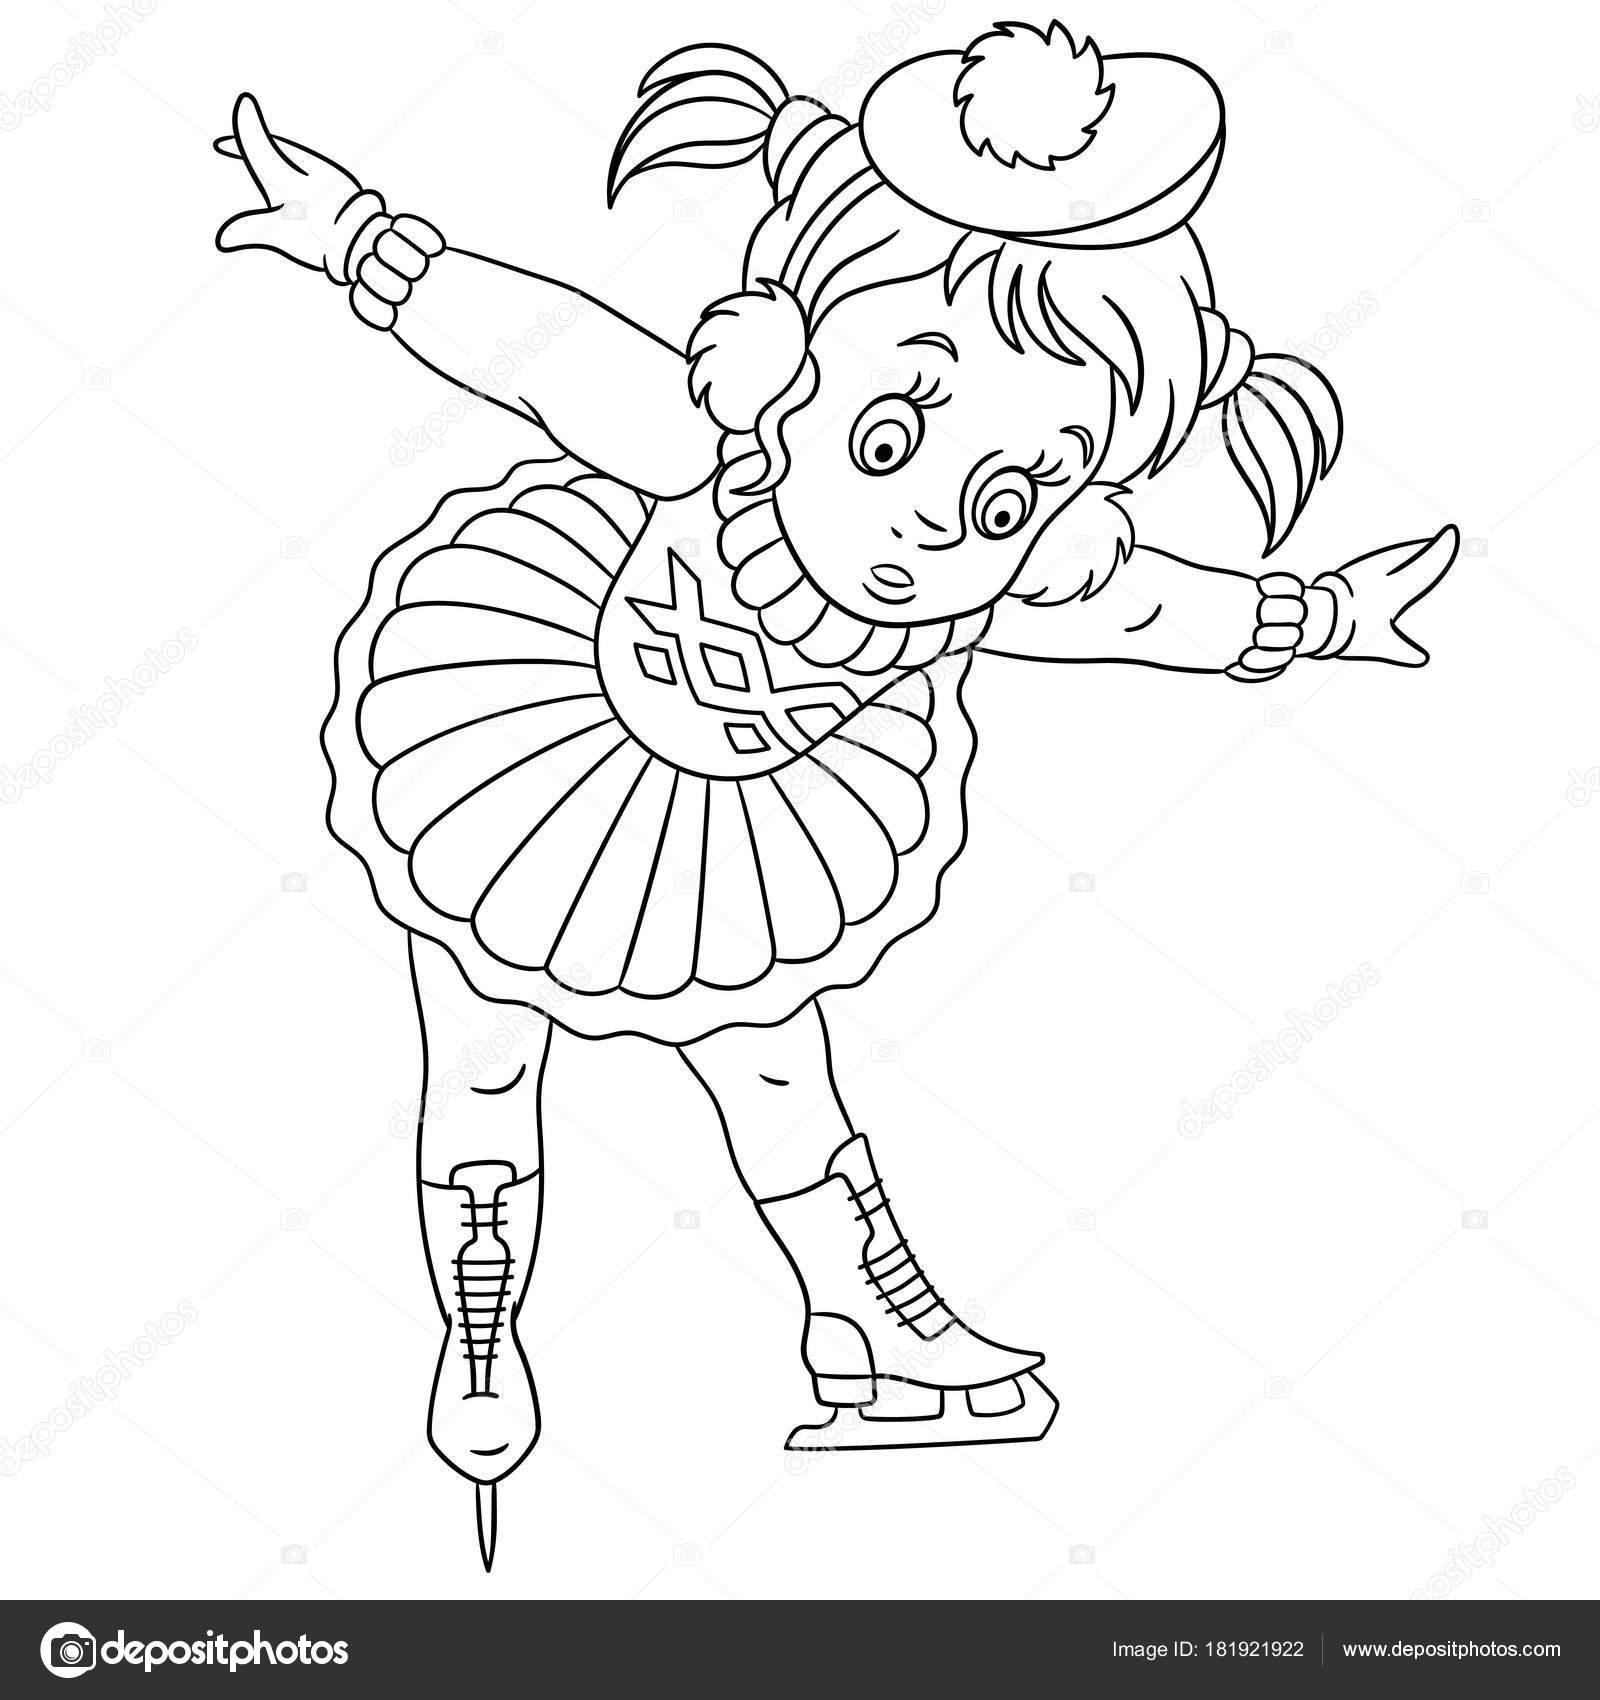 Malvorlagen Cartoon Mädchen Lernen Wie Man Schlittschuh Laufen ...